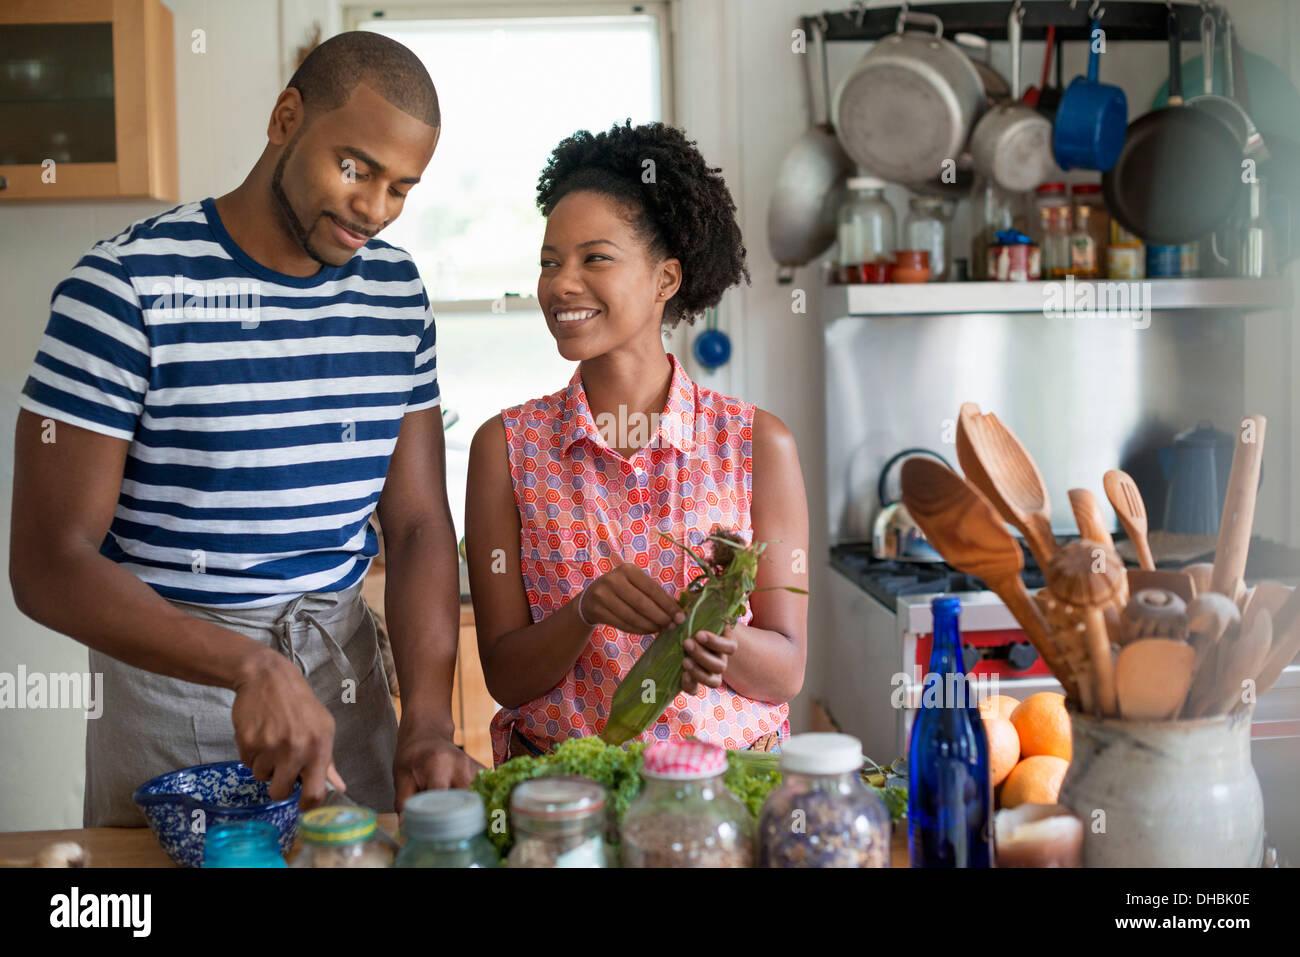 Stile di vita. Due persone che lavorano in una casa colonica in cucina. Immagini Stock